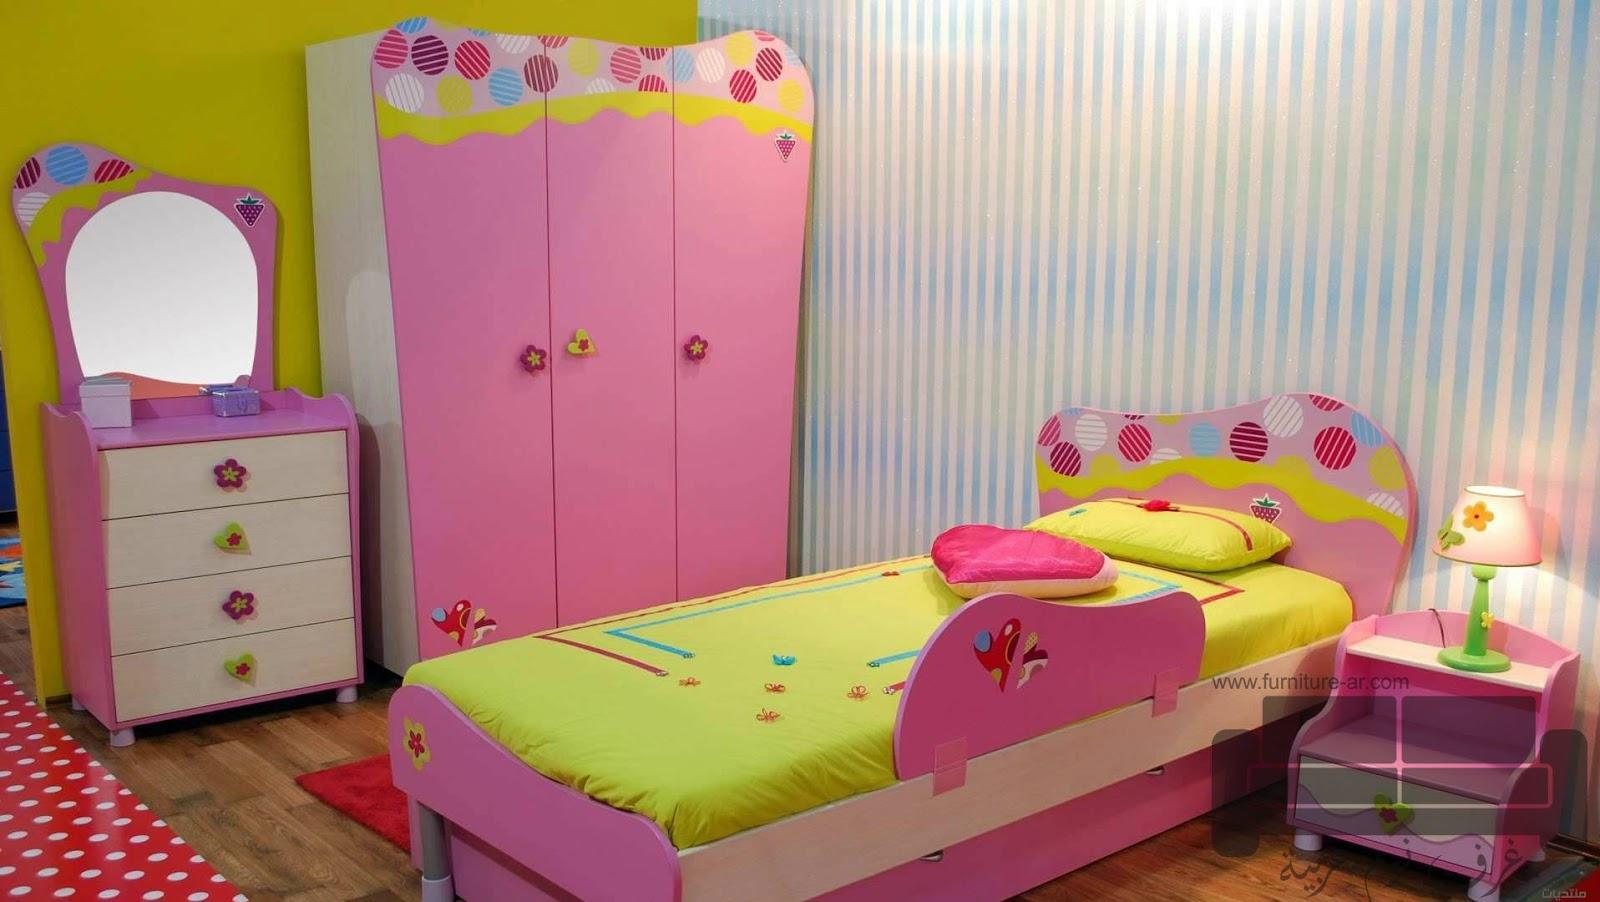 بالصور غرف اطفال مودرن , احدث واجمل غرف اطفال مودرن رووووعه 5867 3